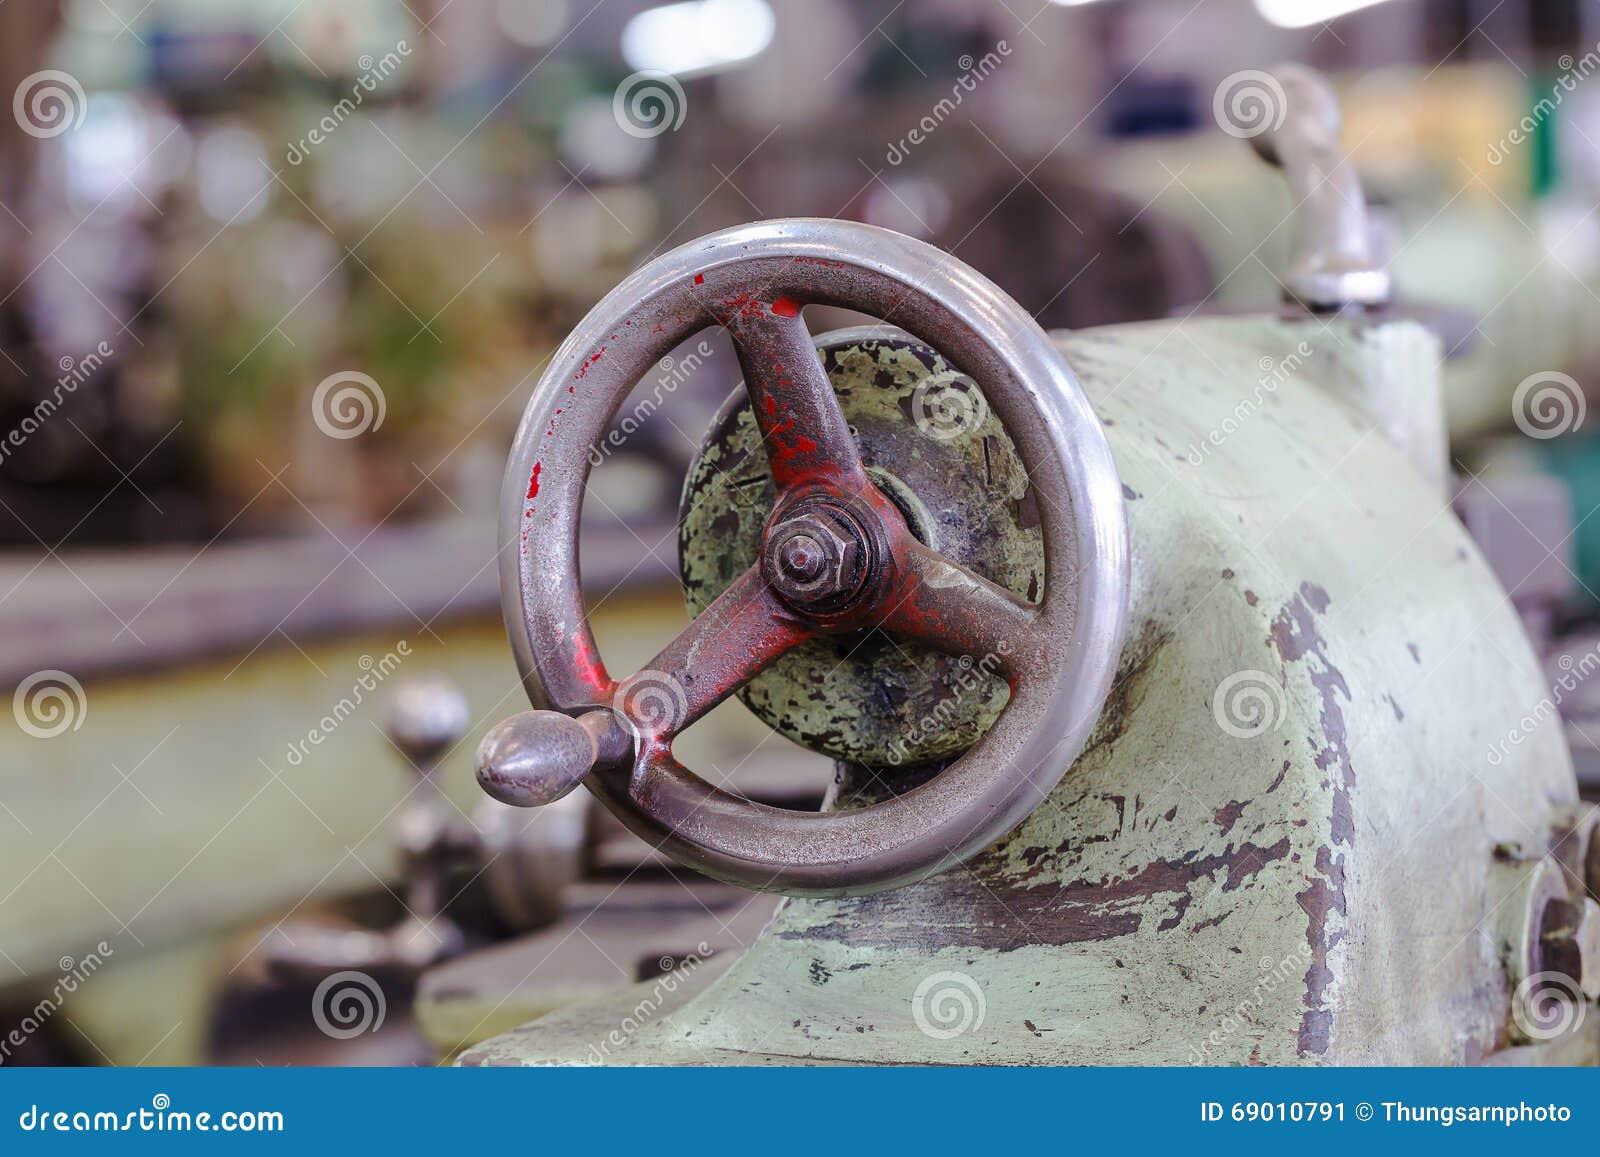 adjustment wheel of lathe machine stock image image of operate